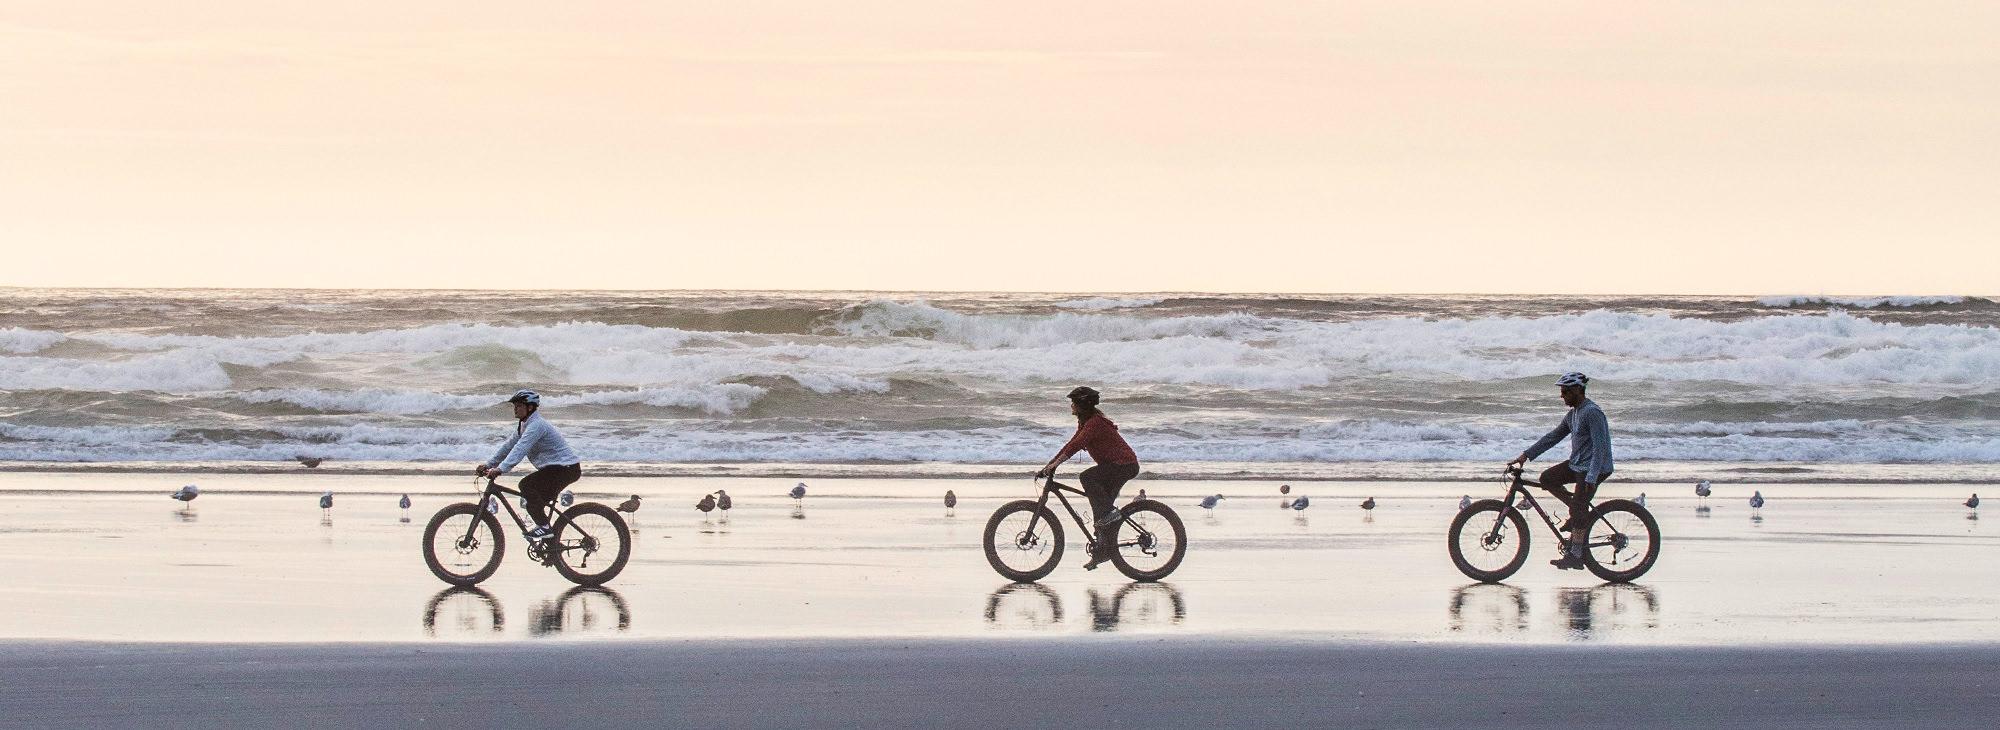 5db31ad0d31 Fat Biking - Travel Oregon